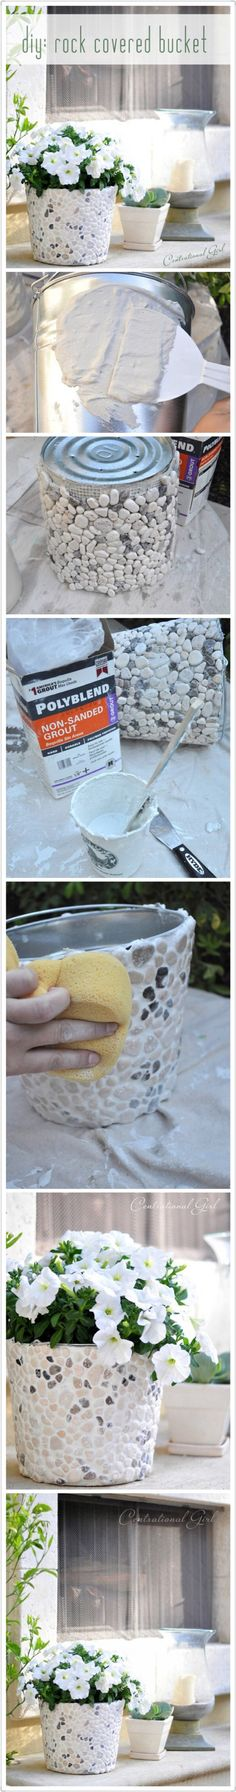 Une idée sympa pour customiser un vieux pot en zinc ou une boîte de conserve.